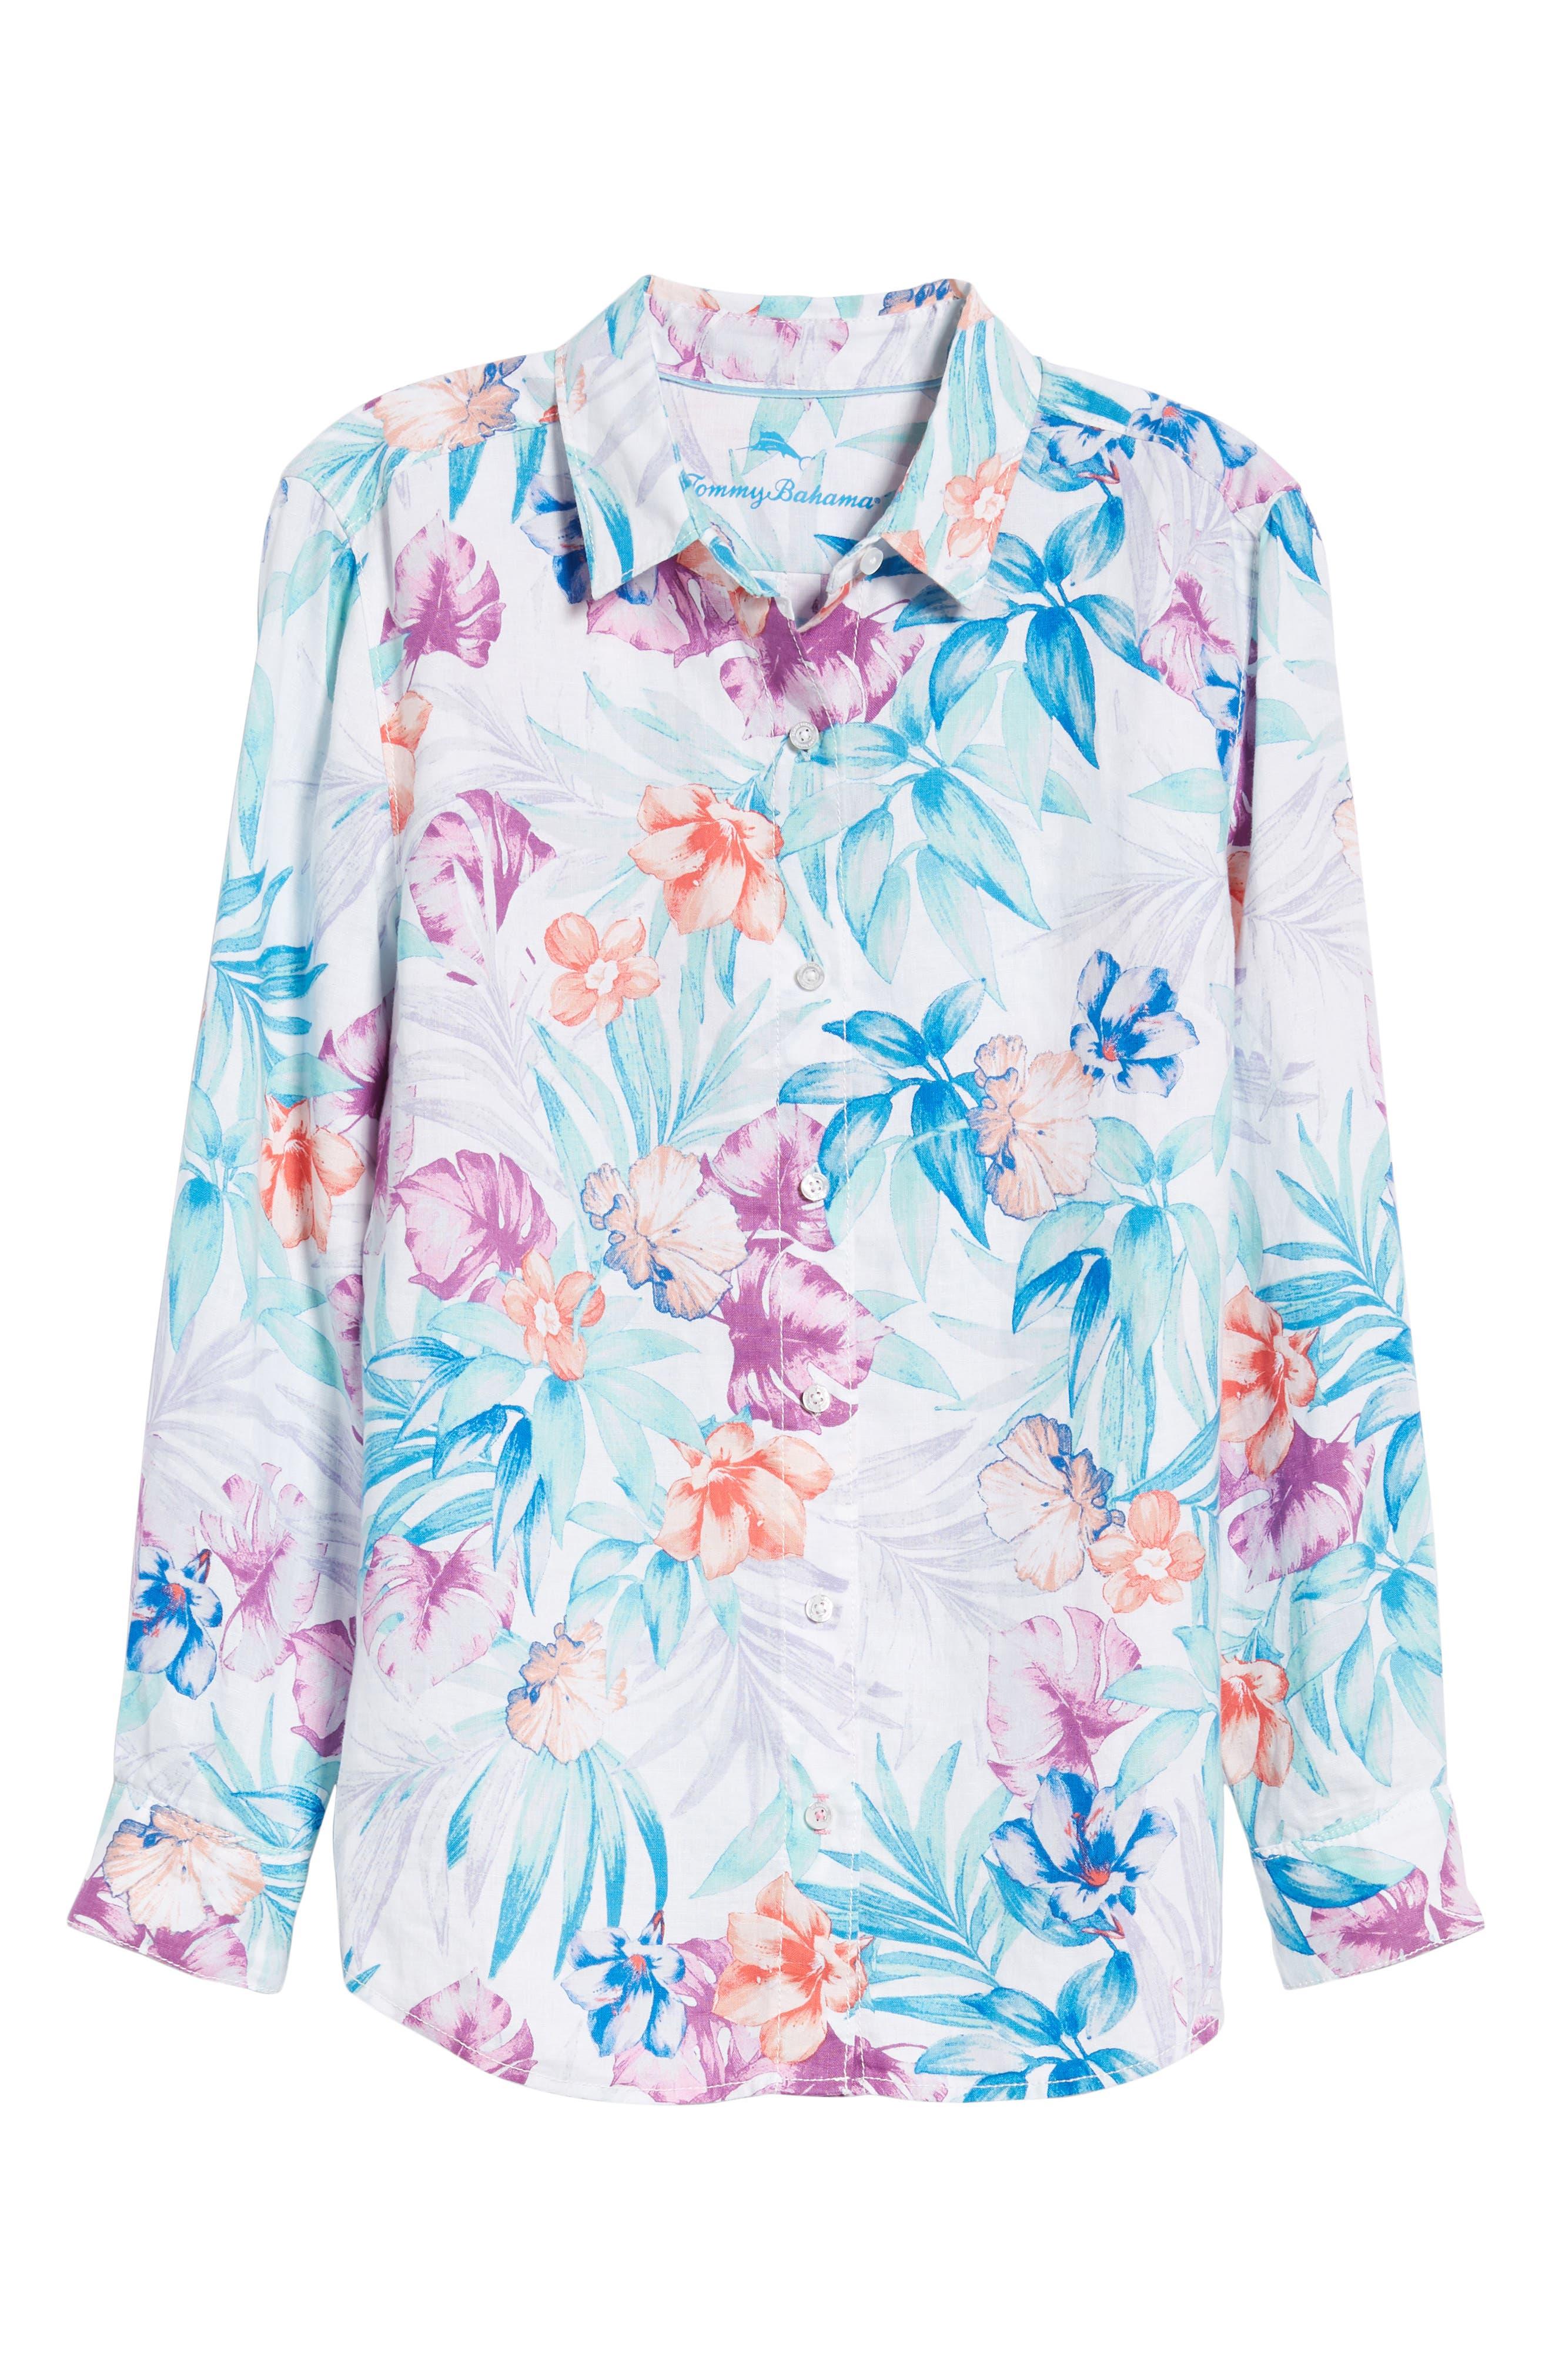 Valentina Villa Shirt,                             Alternate thumbnail 7, color,                             White